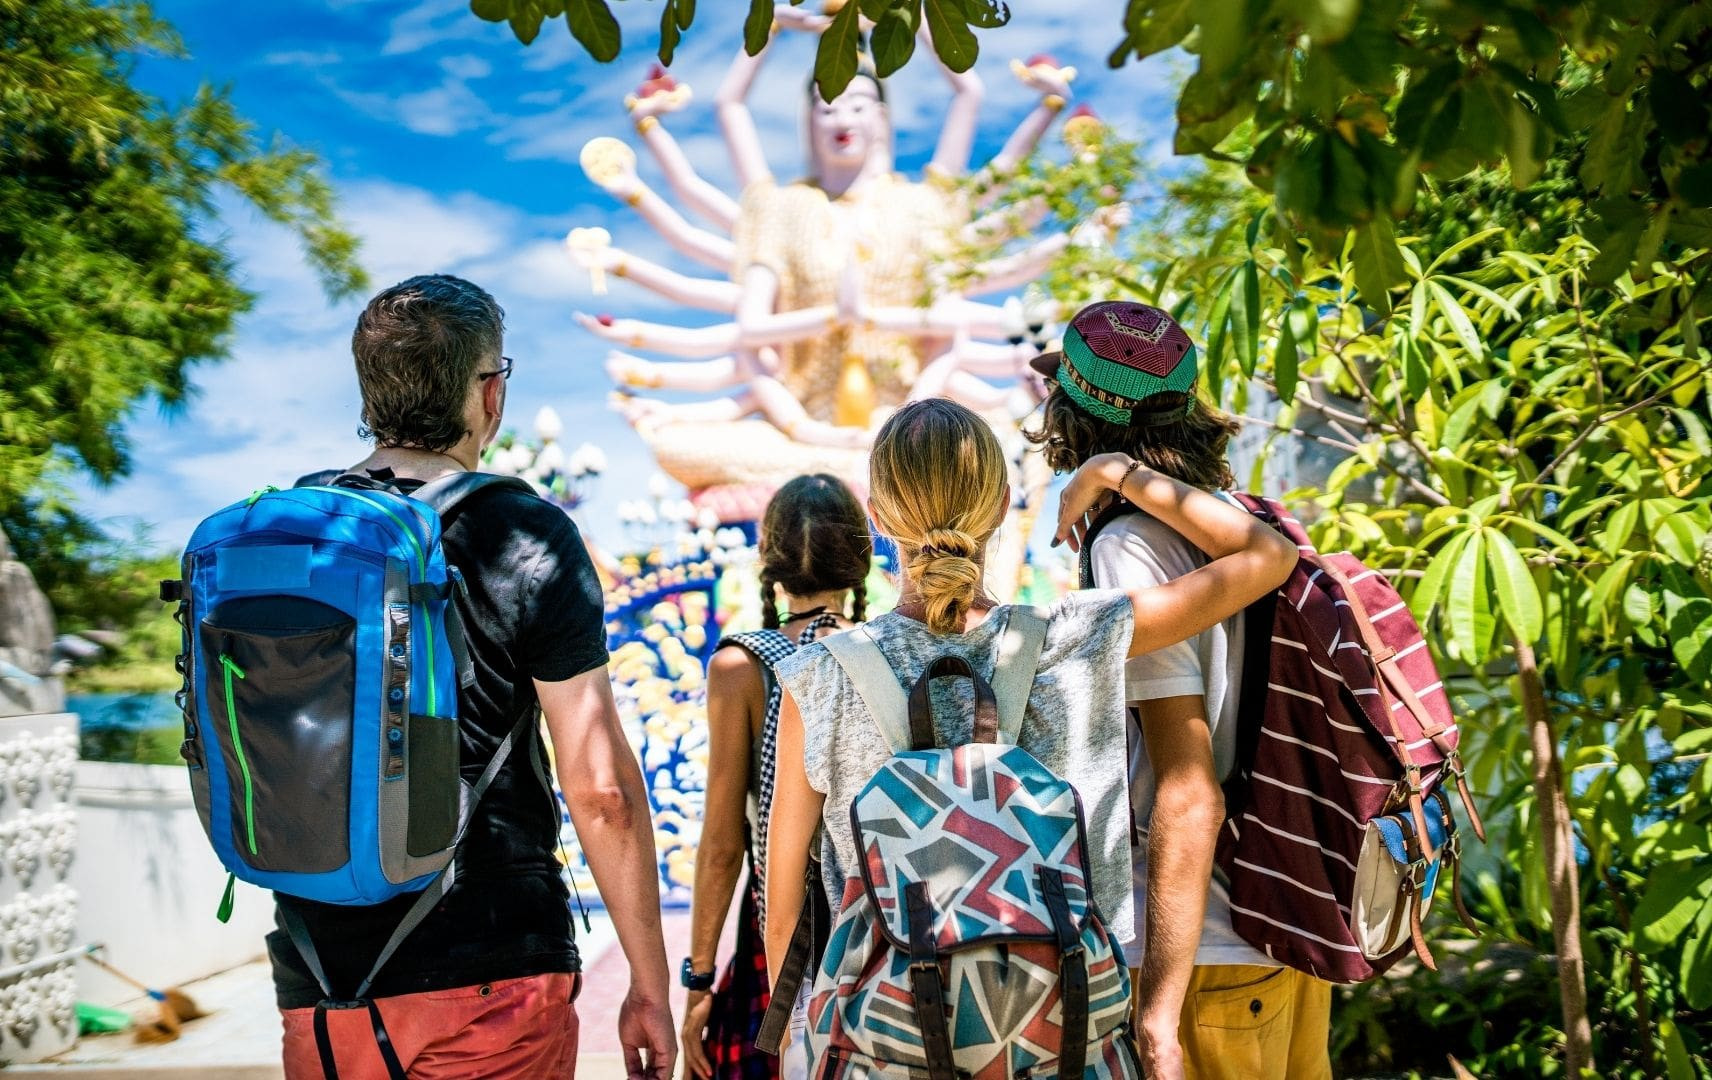 Gruppe schaut sich thailändische Skulptur an